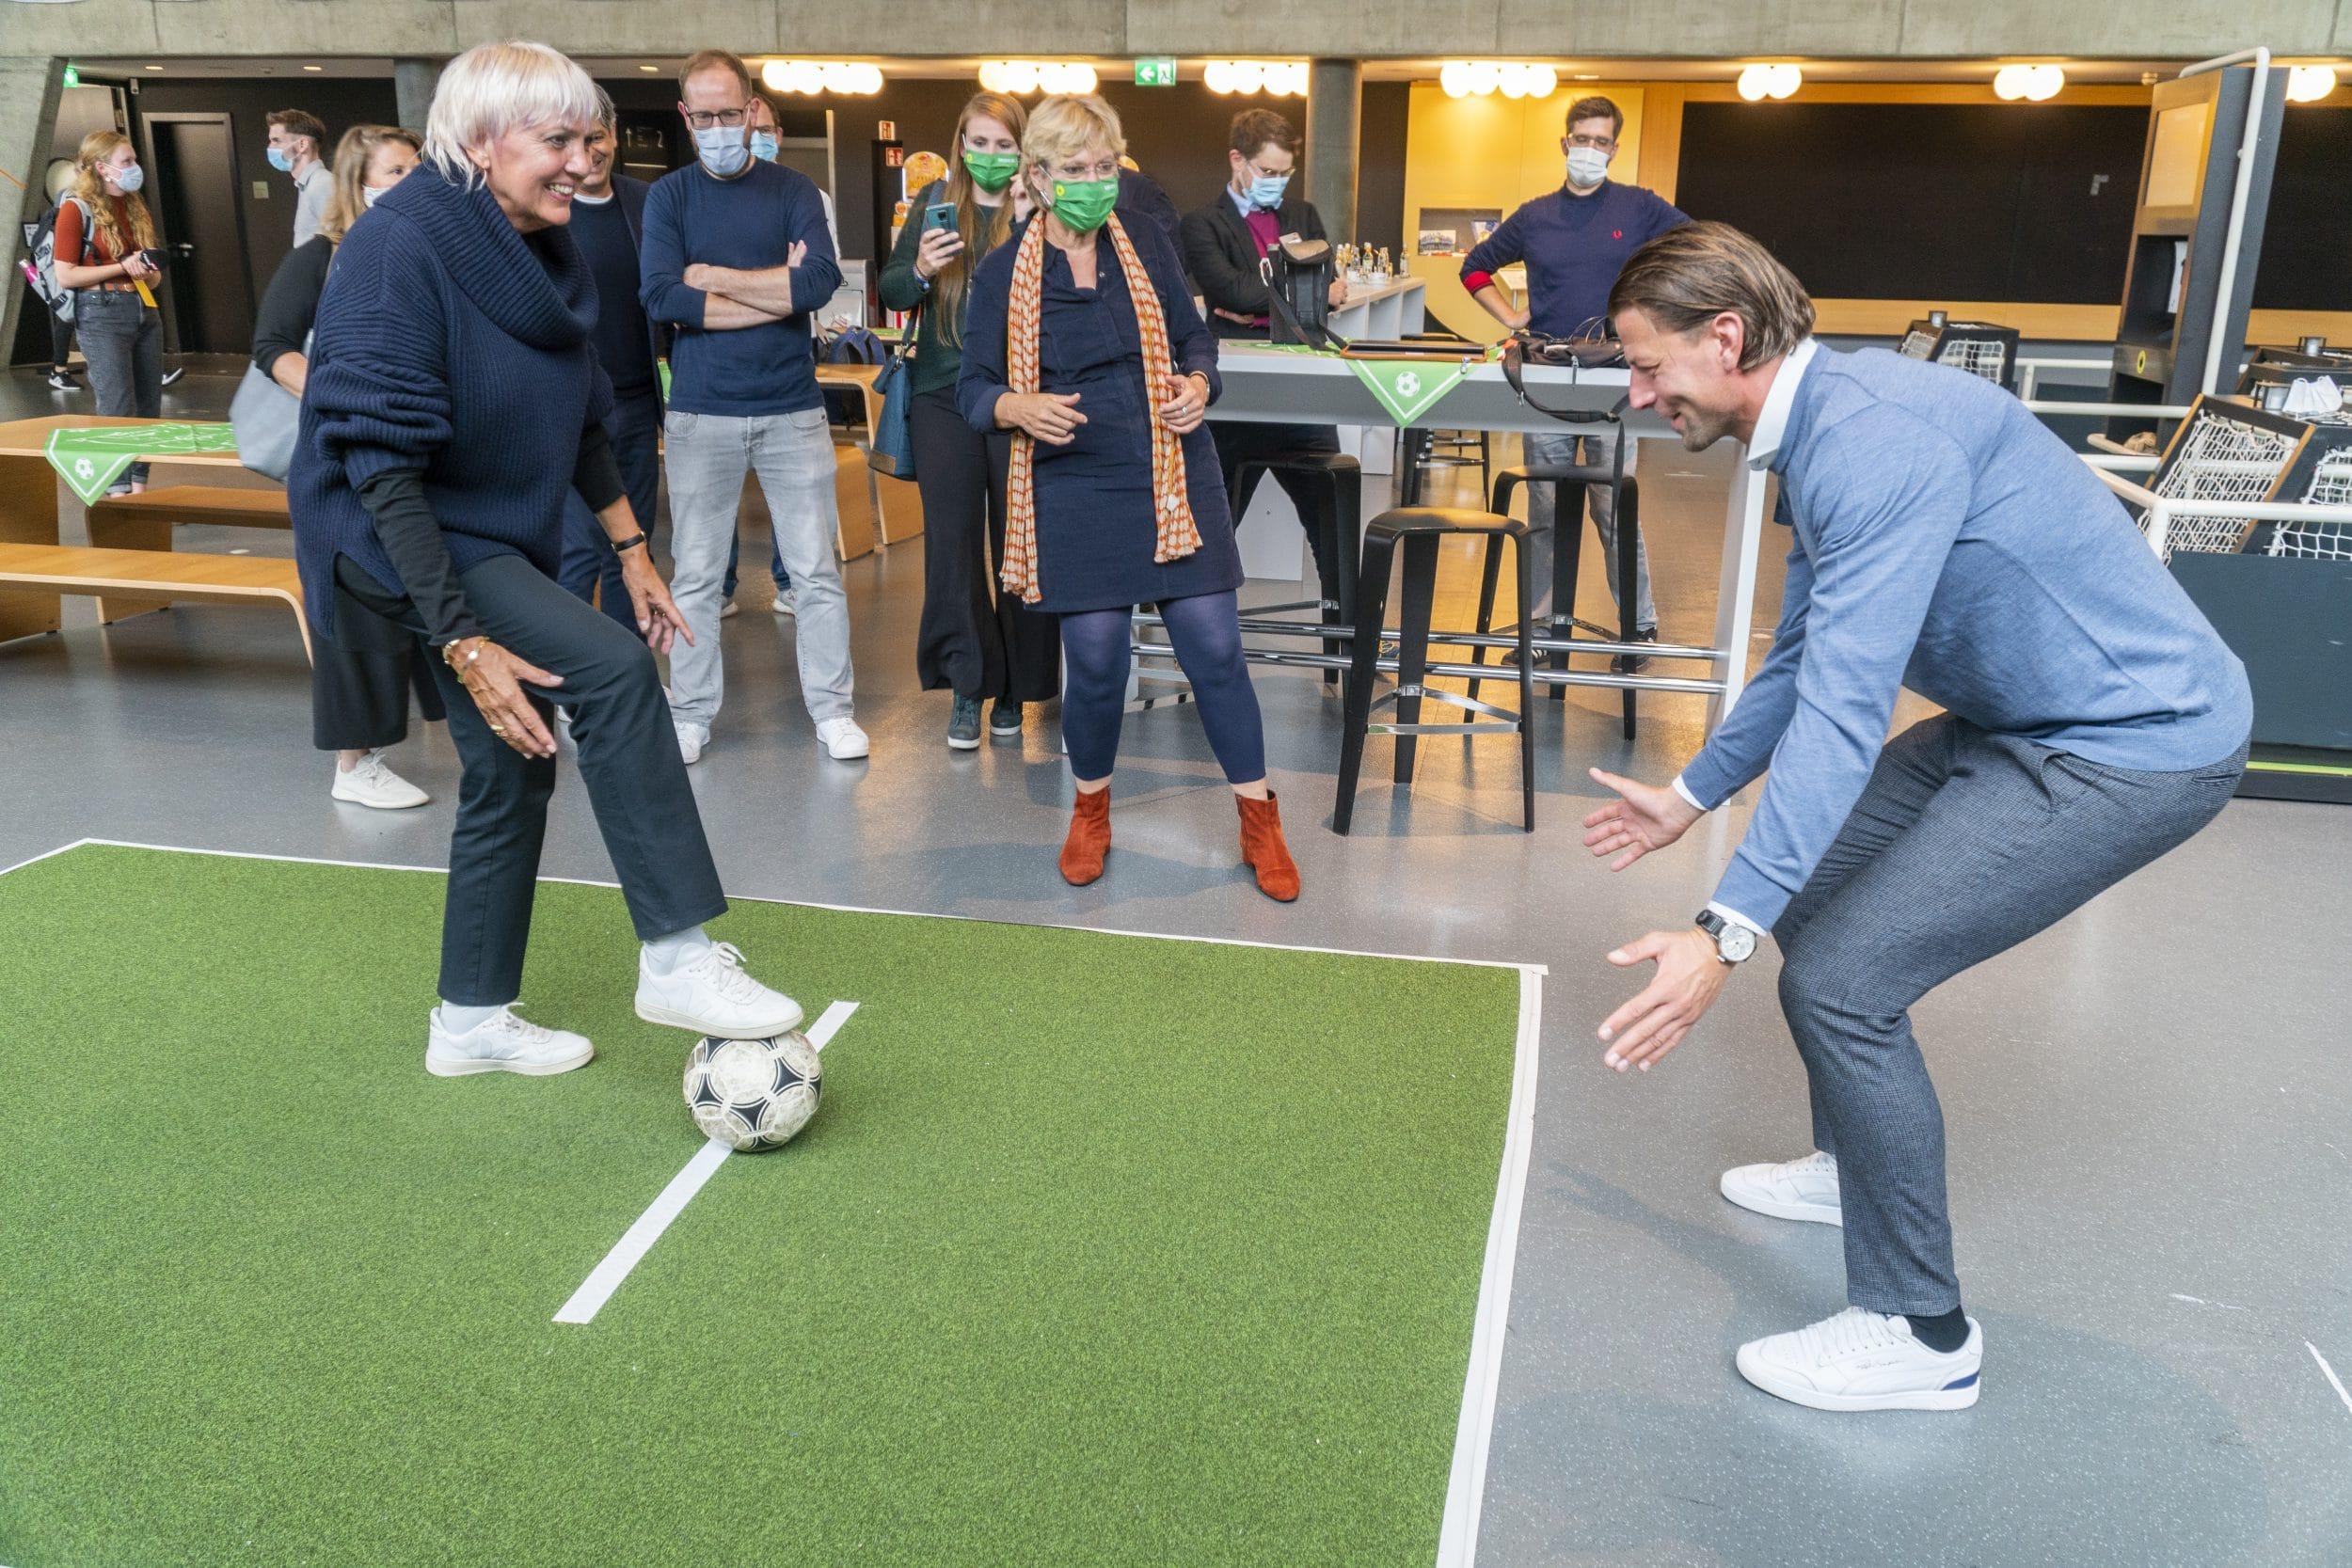 Vizepräsidentin des Deutschen Bundestages Claudia Roth (l.) und Weltmeister Roman Weidenfeller (r.) spielten sich die Bälle zu. (Fotos: IN-StadtMagazine)